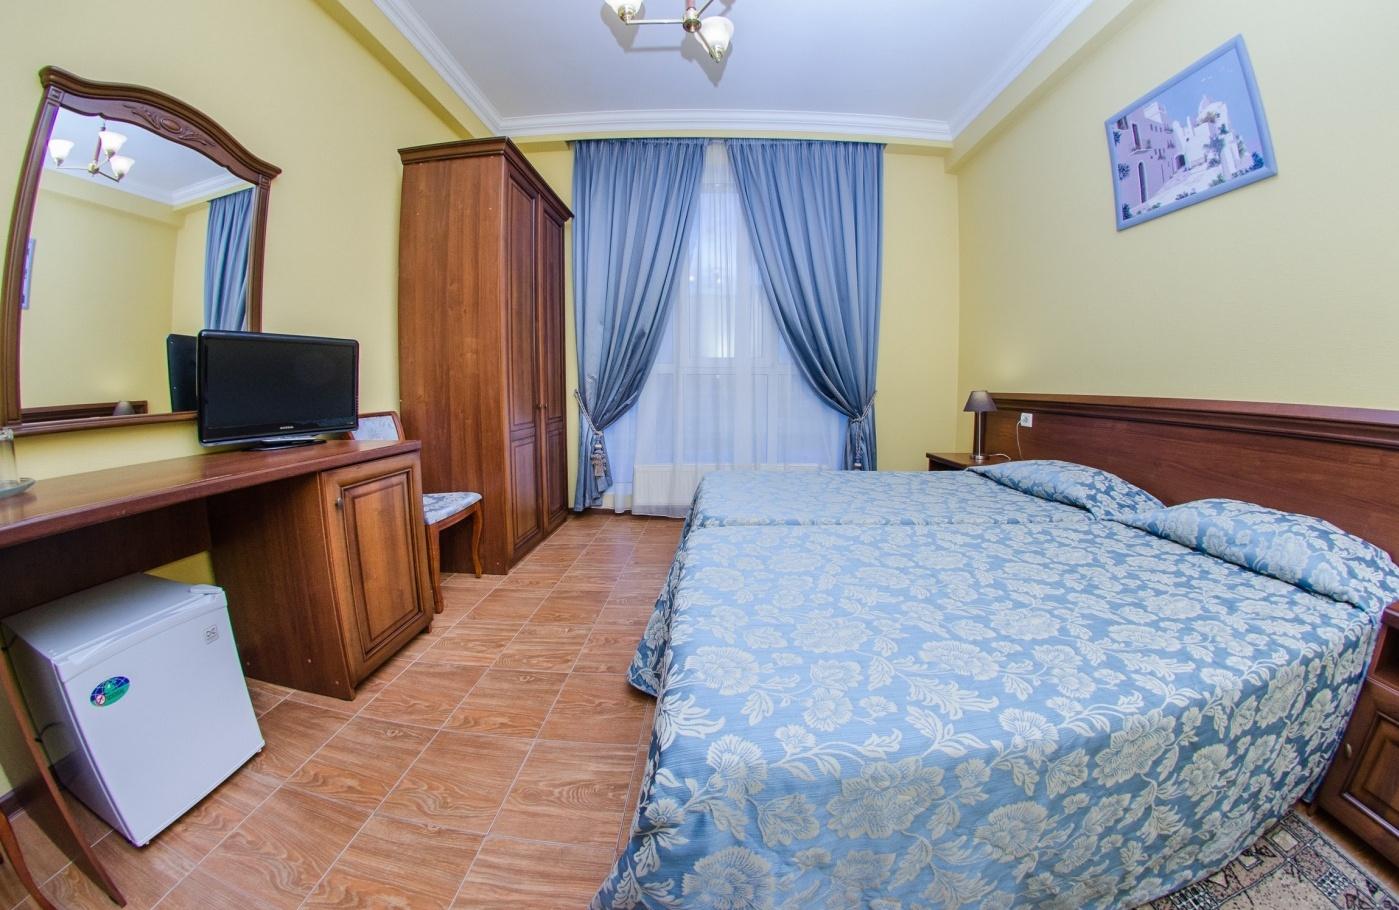 Сочи отель оазис фото